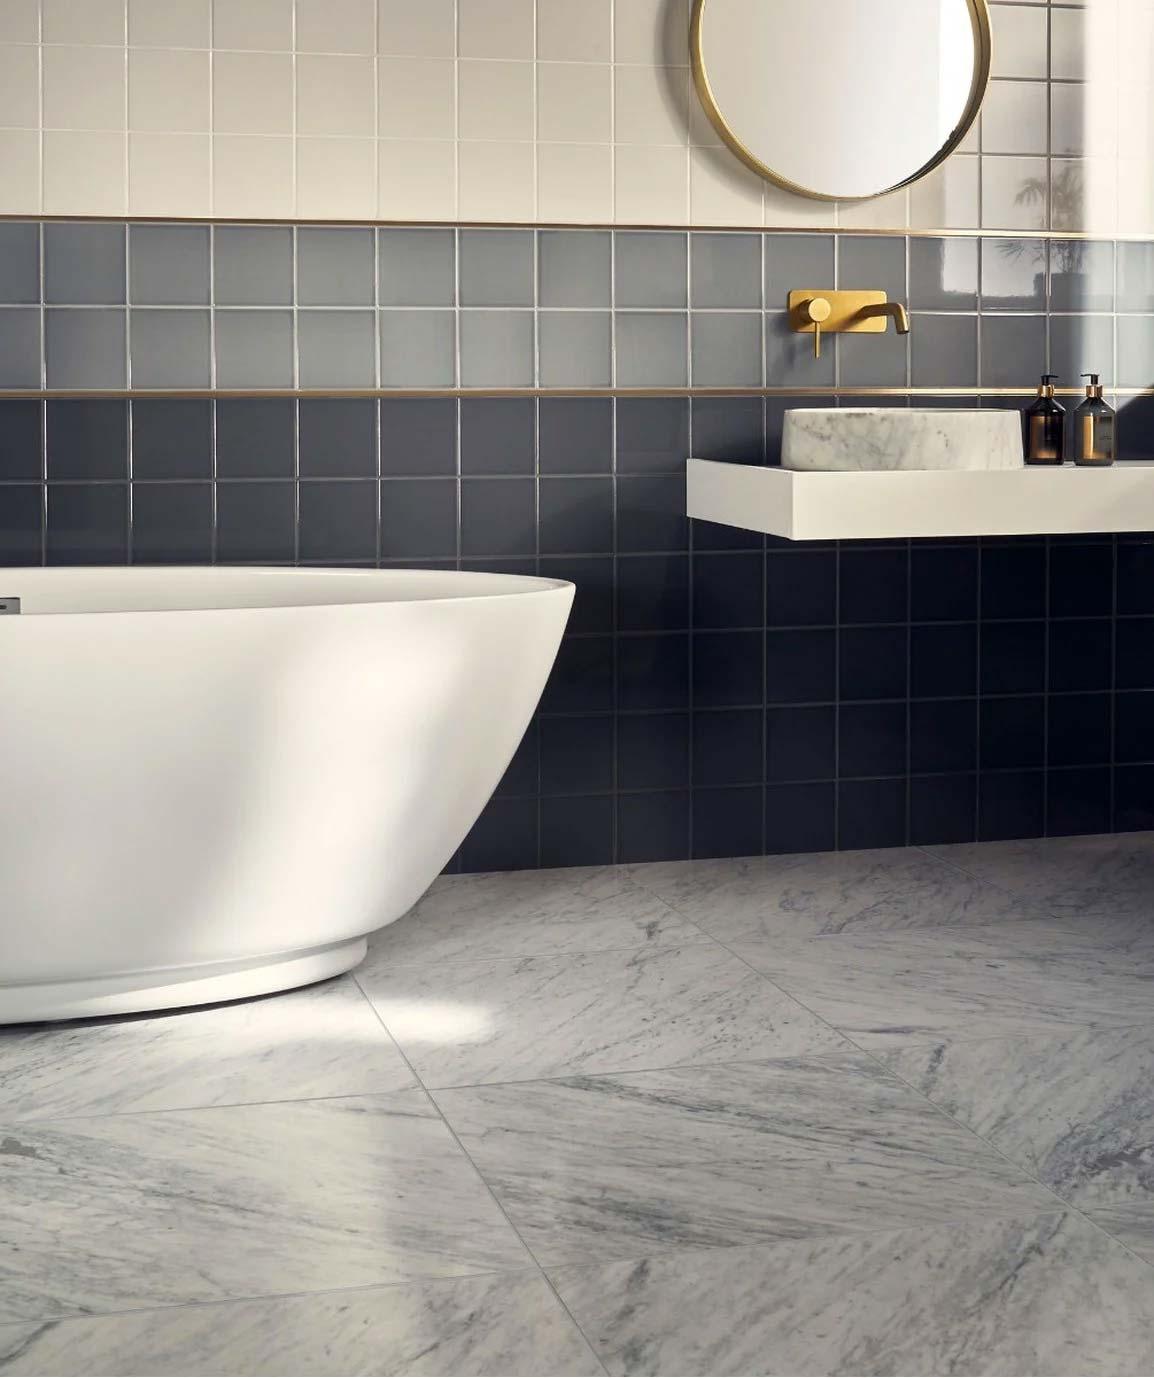 De geslepen Carrara marmeren tegels van Toppstiles.co.uk in deze mooie badkamer zijn perfect voor het creëren van een luxueuze en verfijnde esthetiek.